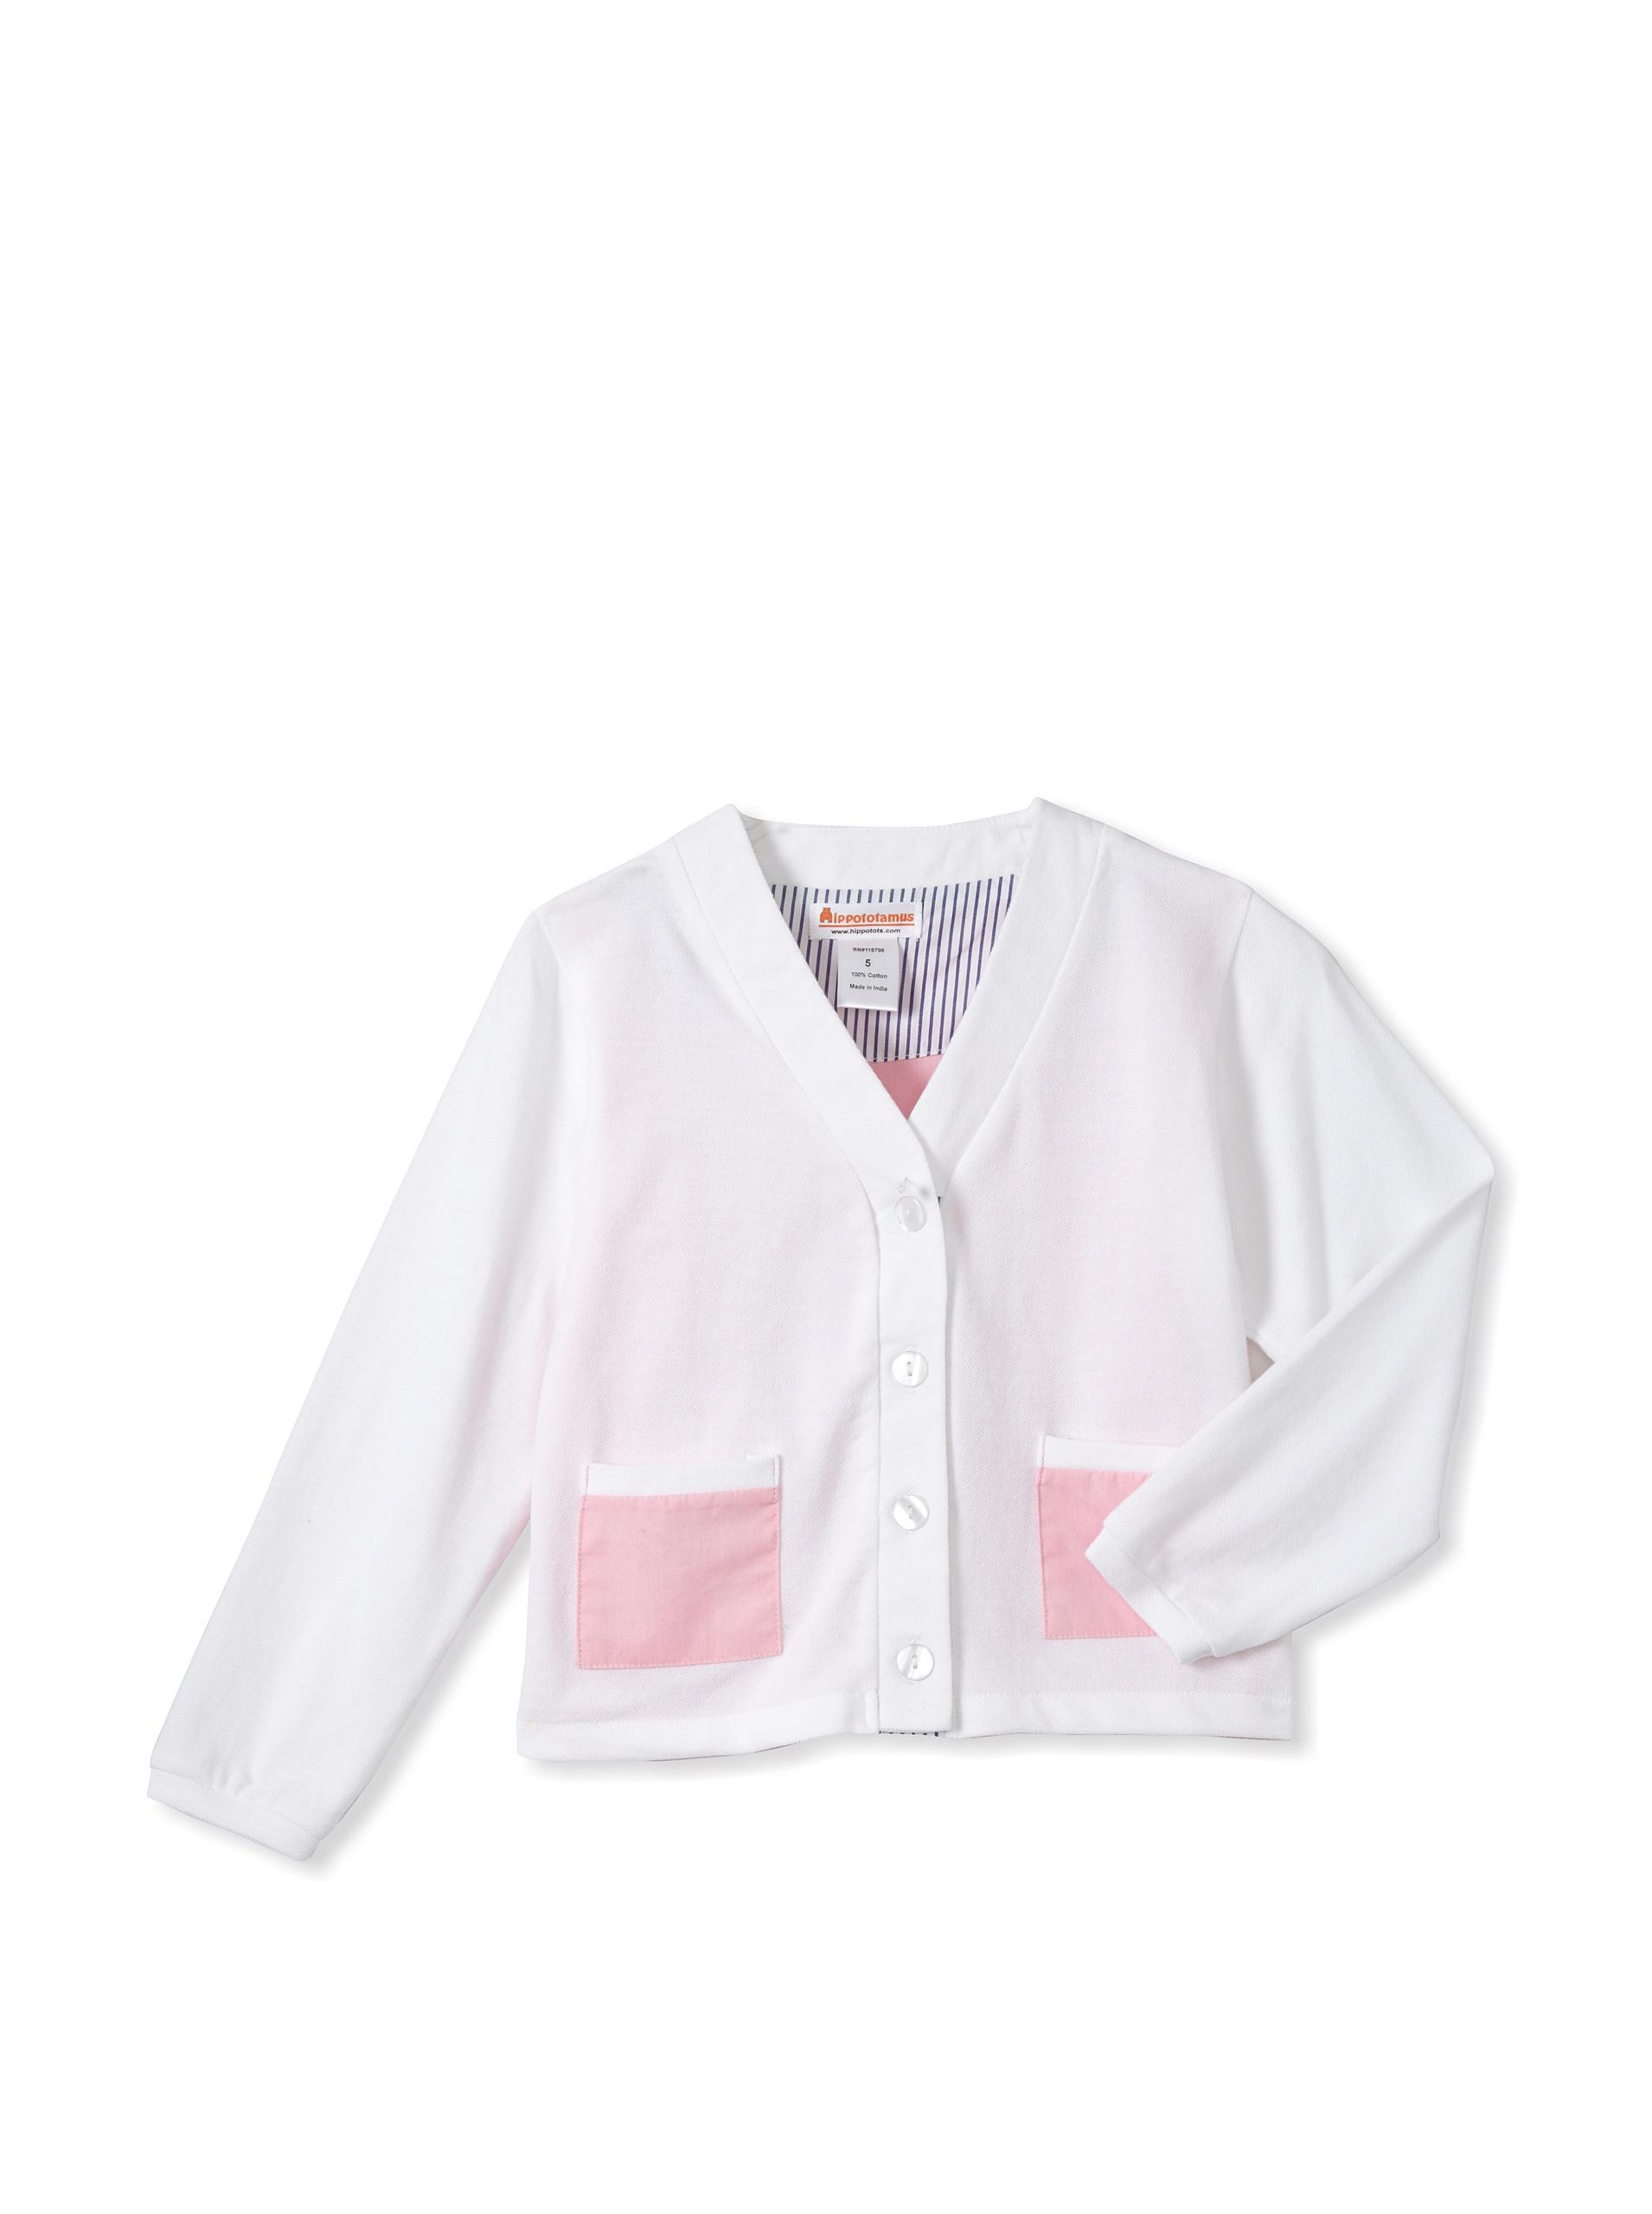 Hippototamus Piquet Cardigan (White/Pink)